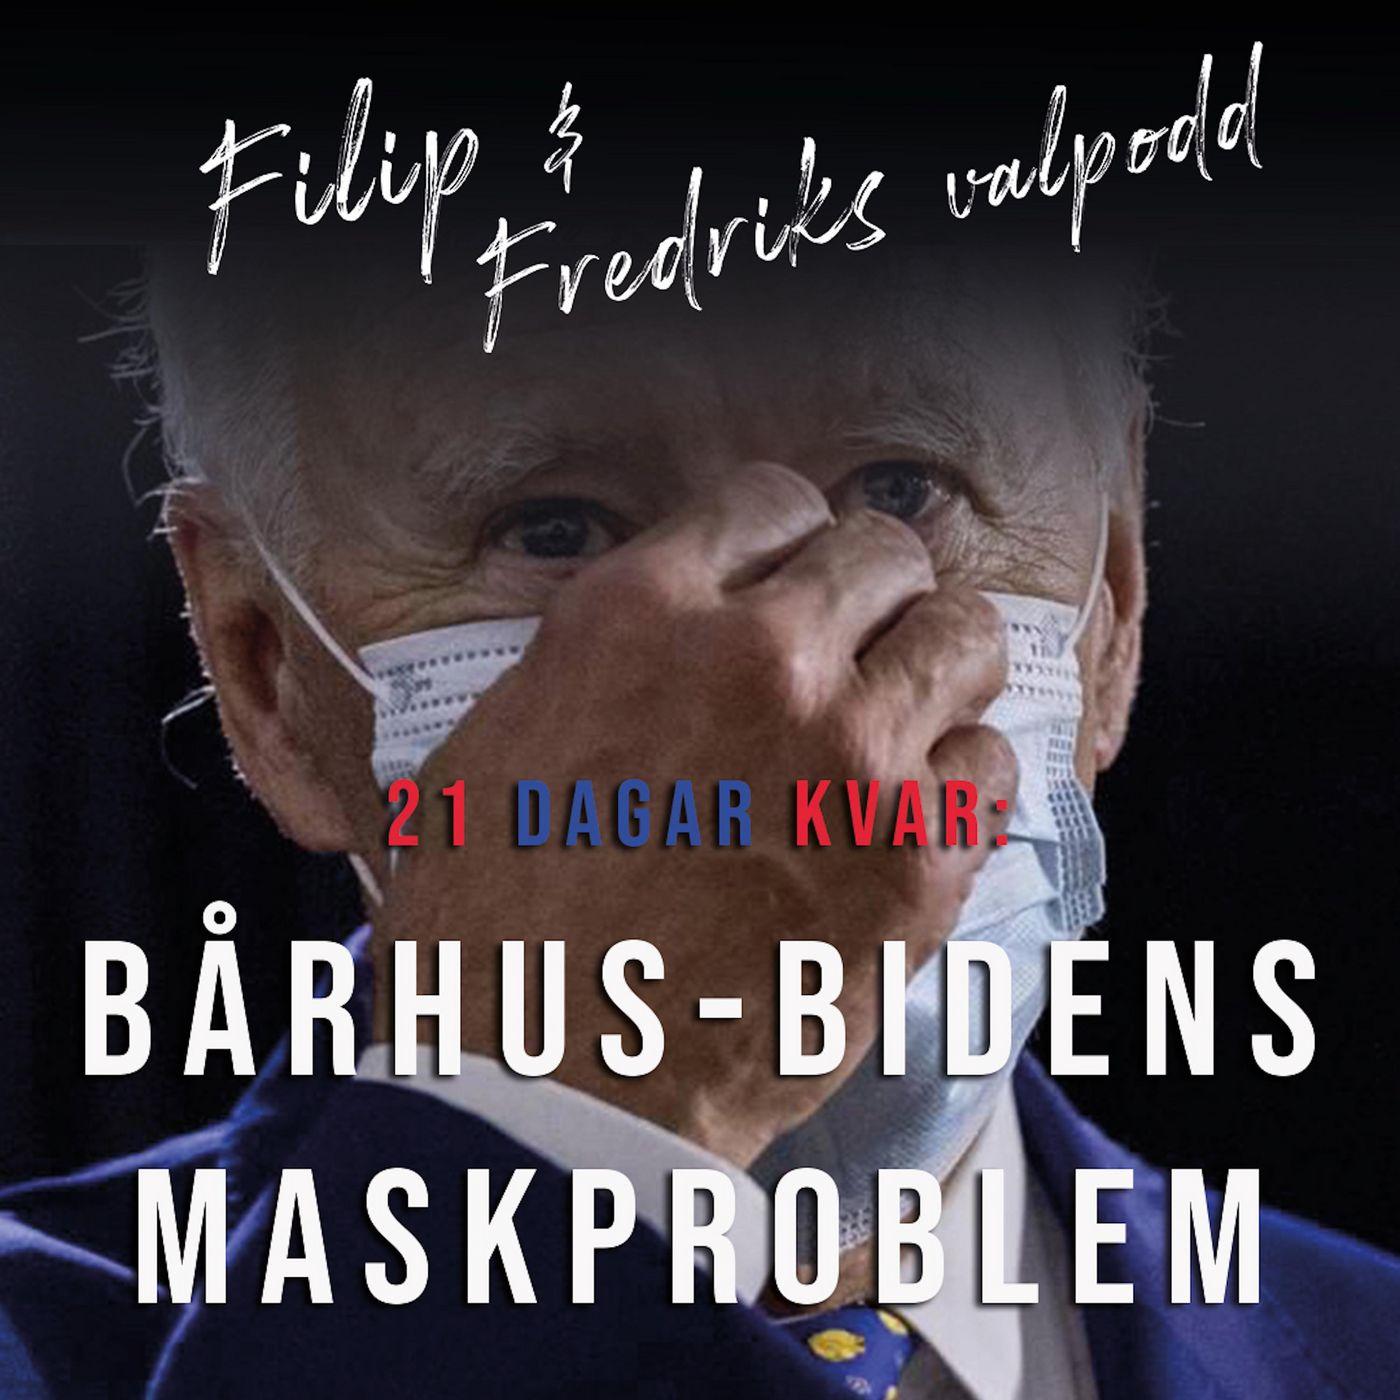 21 dagar kvar: Bårhus-Bidens maskproblem